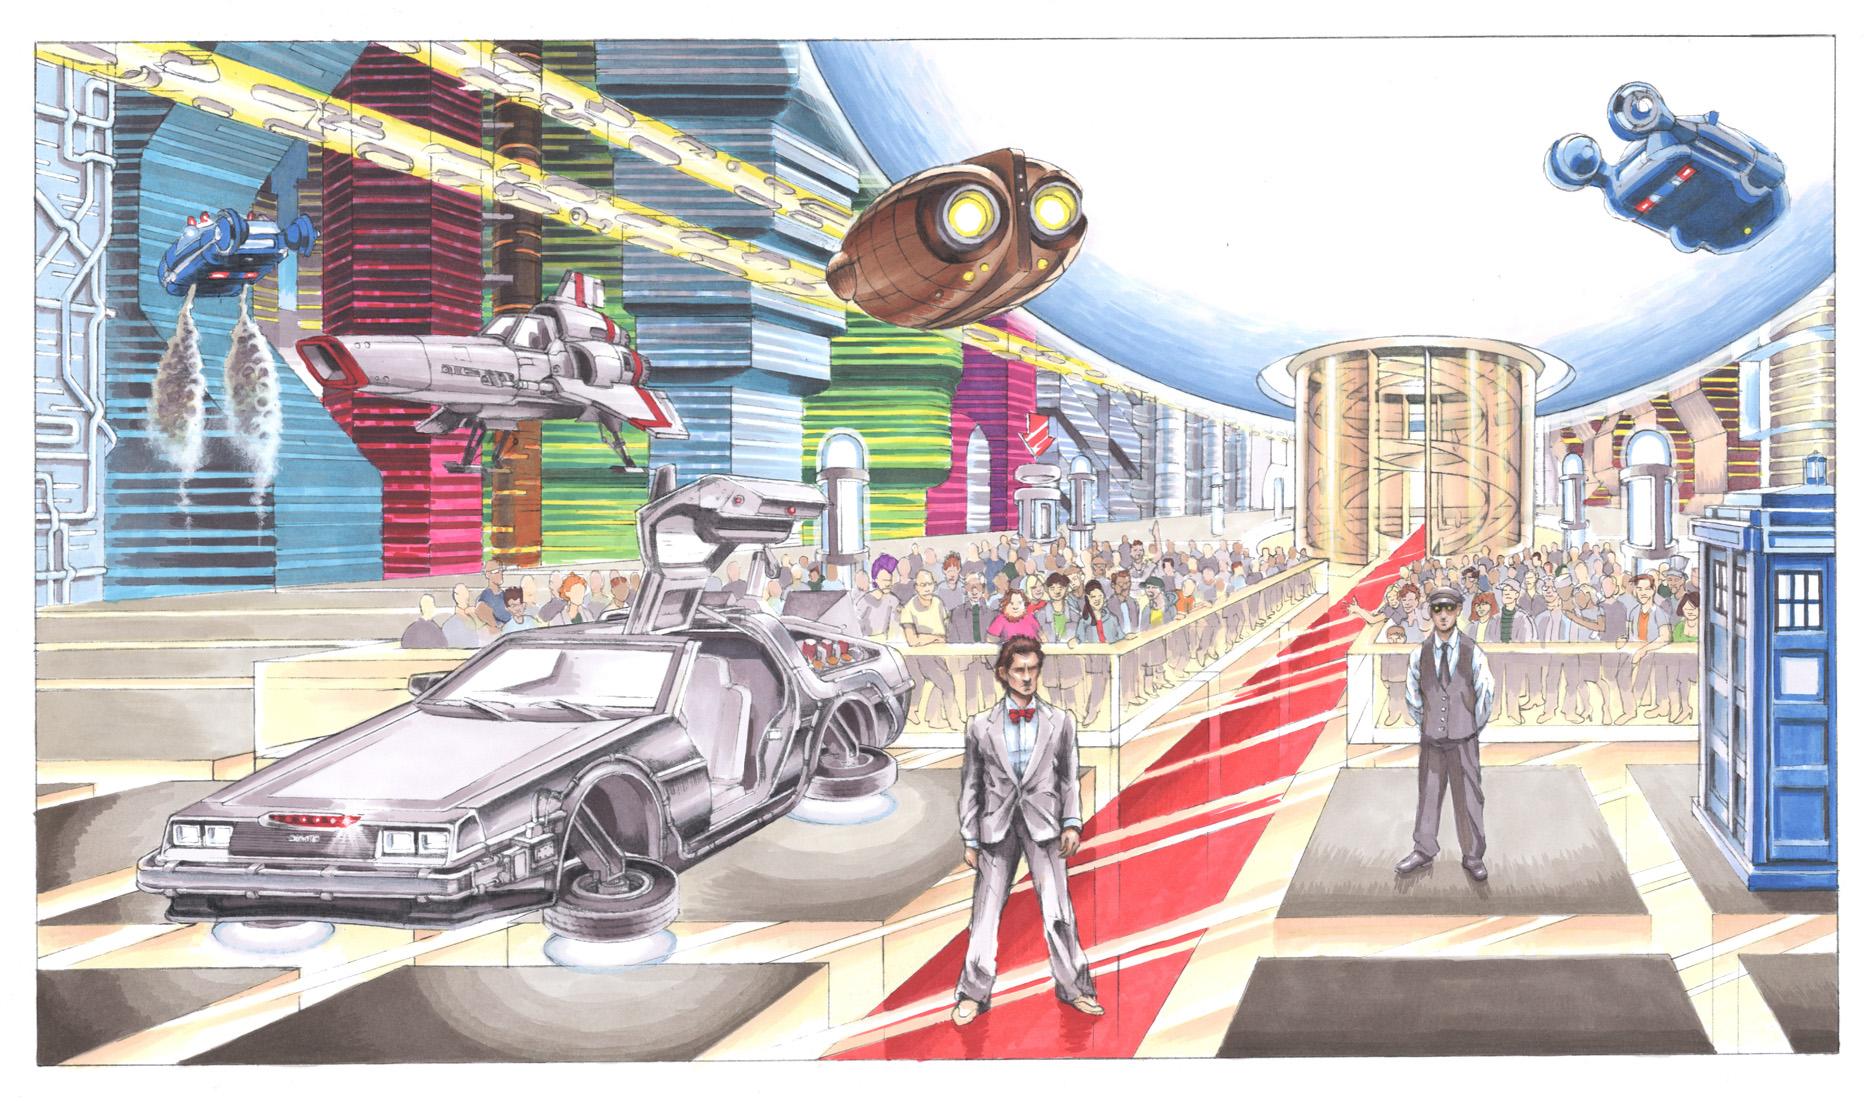 Steven Spielberg To Direct The Nostalgic Sci Fi Adventure